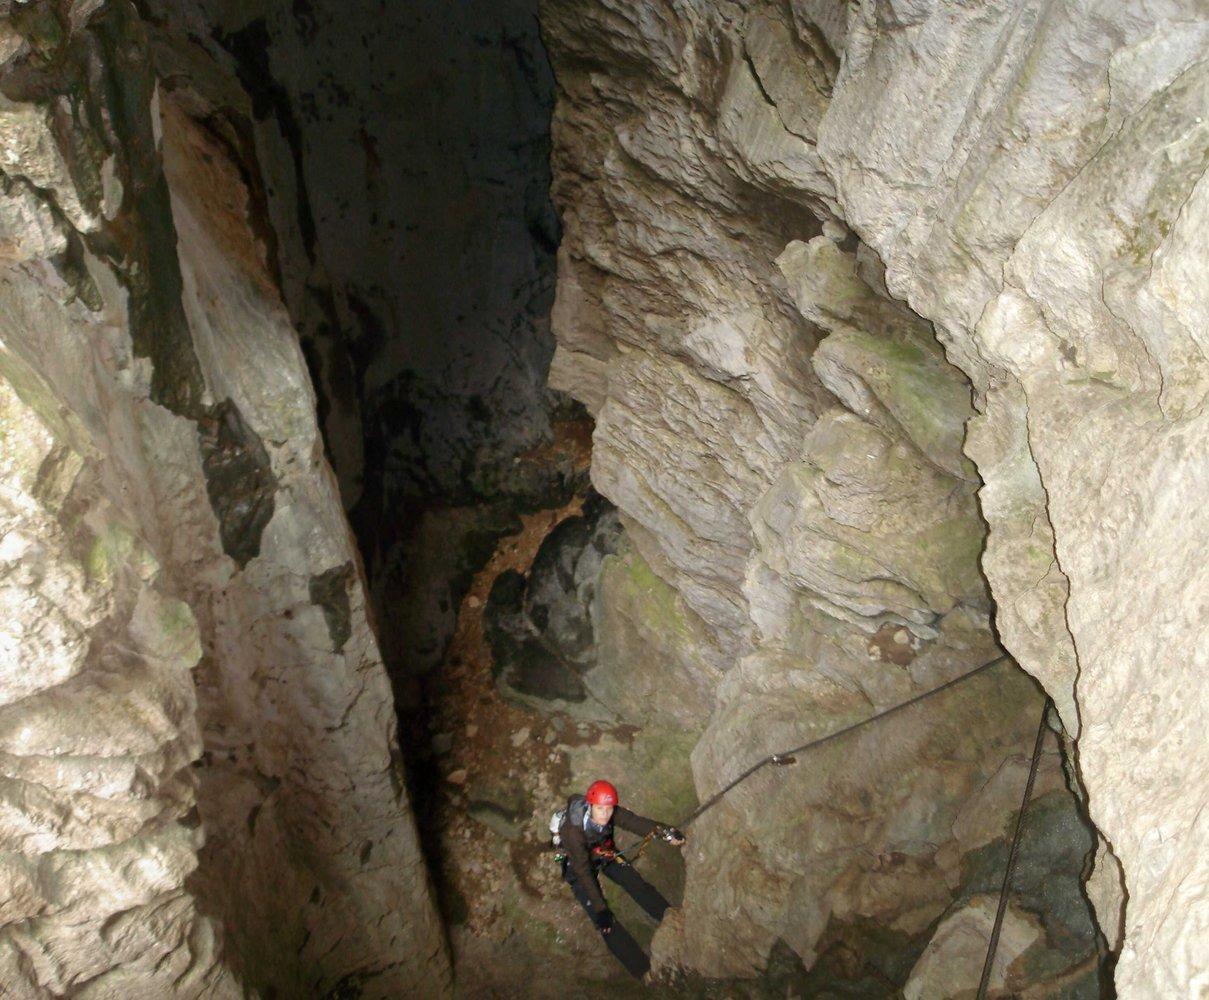 Klettersteig Rakousko : Rosslochhöhlen klettersteig seemauer bergsteigen